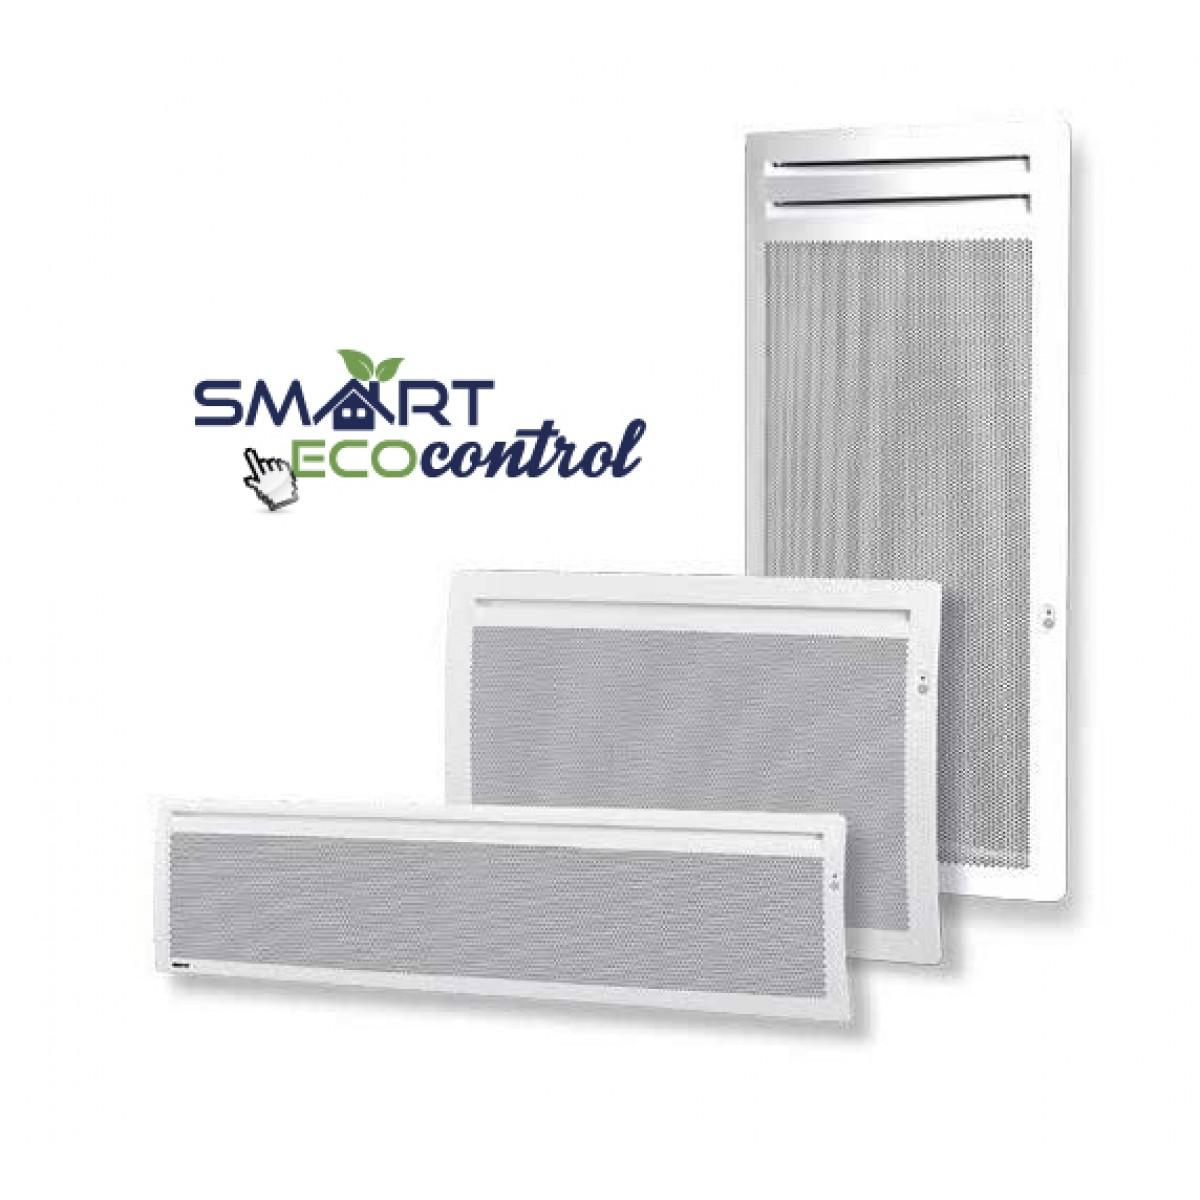 QUARTO SMART - Лъчисто отопление от Ел отопление